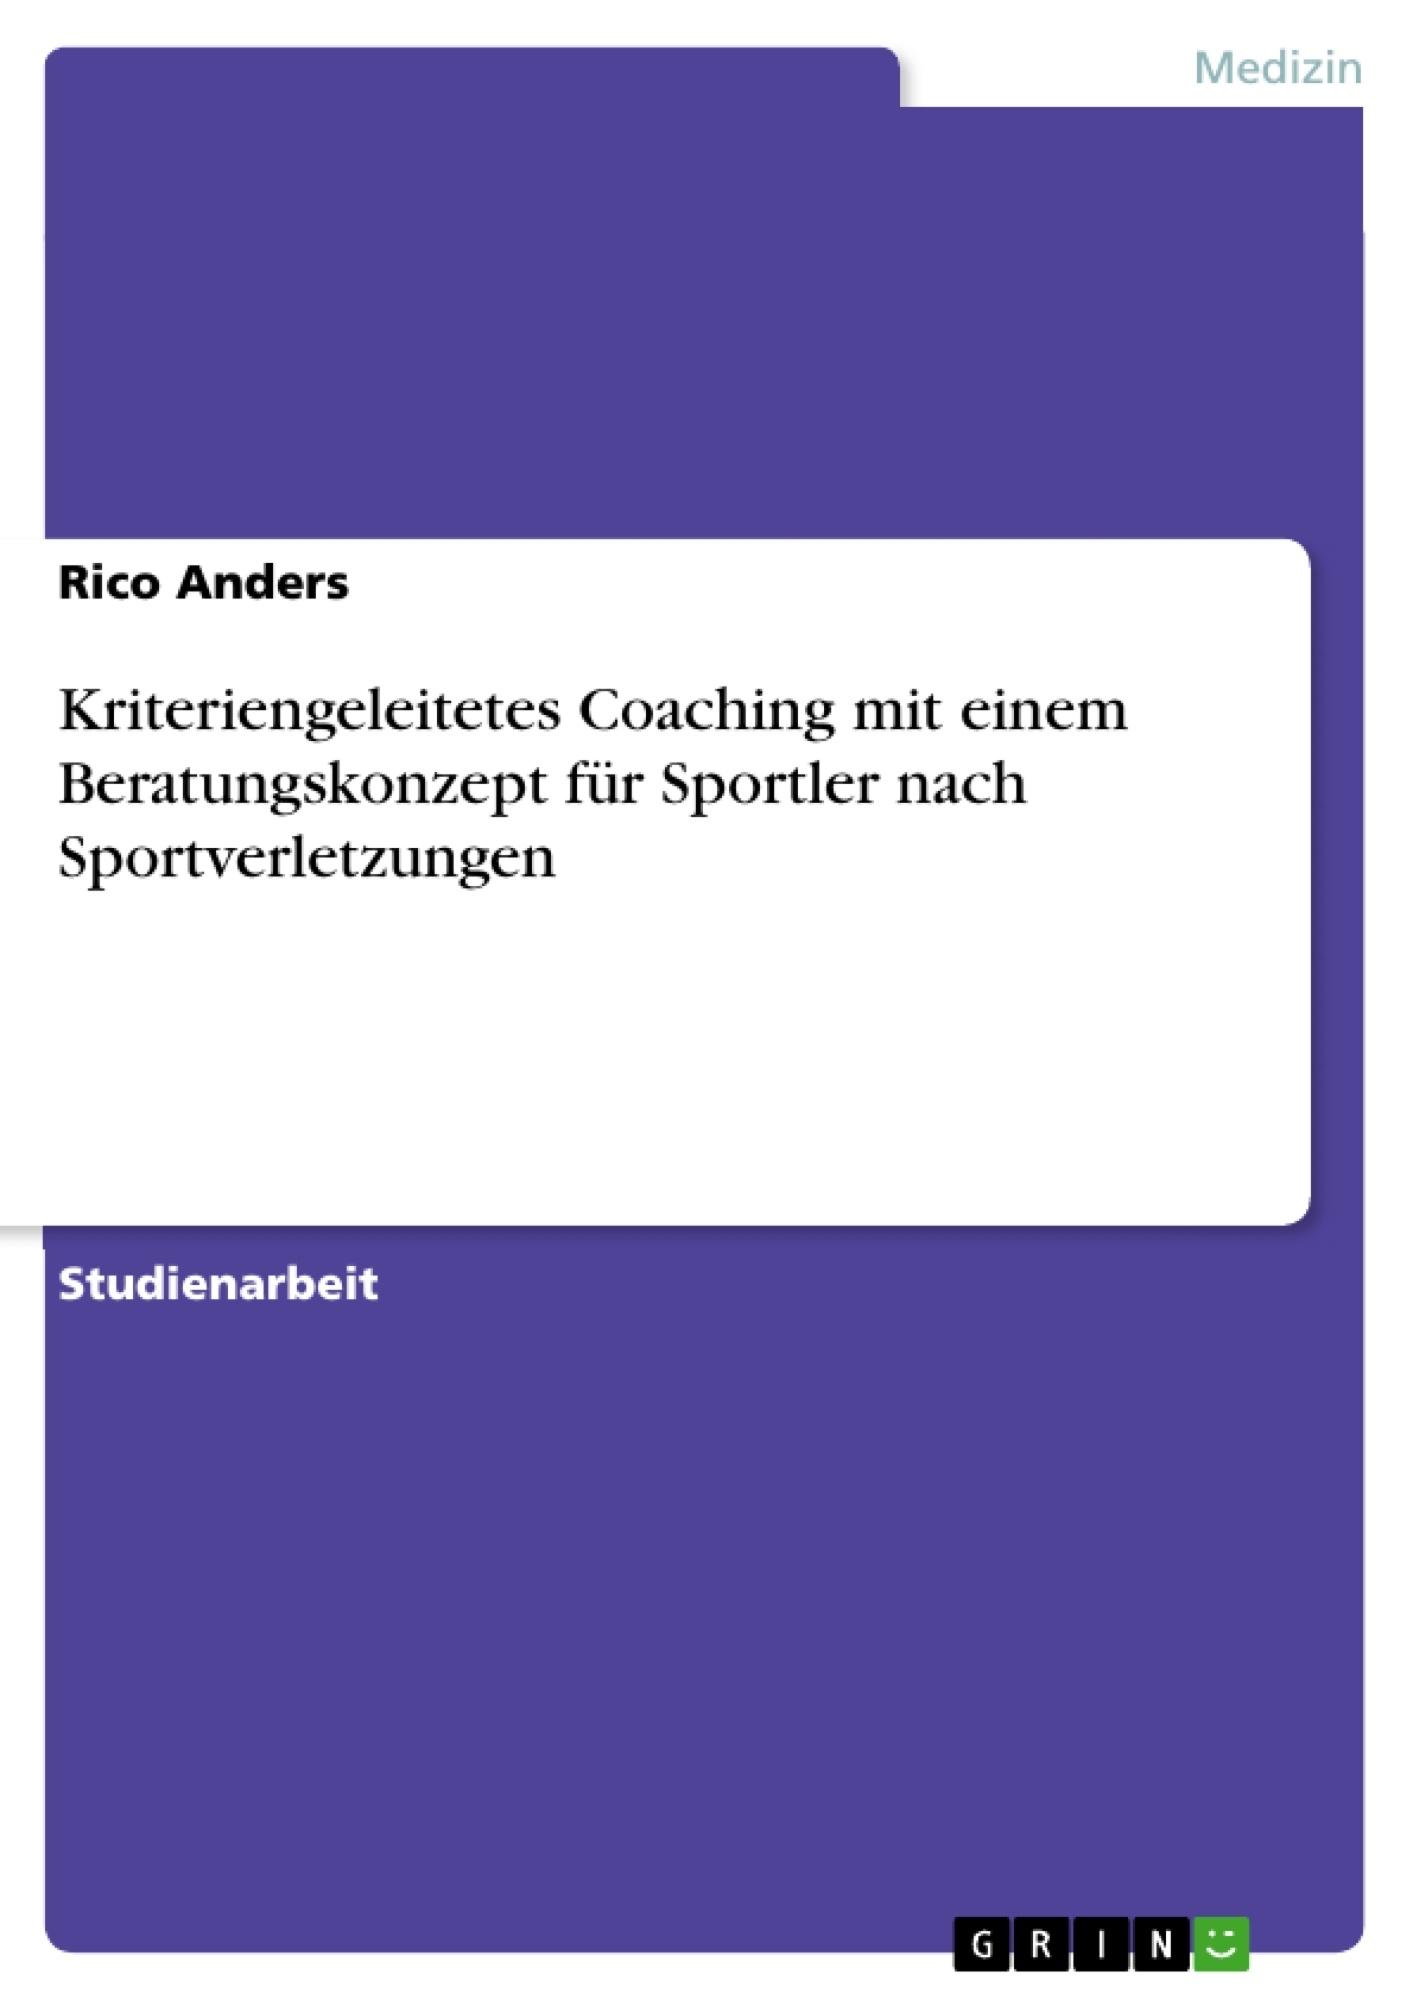 Titel: Kriteriengeleitetes Coaching mit einem Beratungskonzept für Sportler nach Sportverletzungen